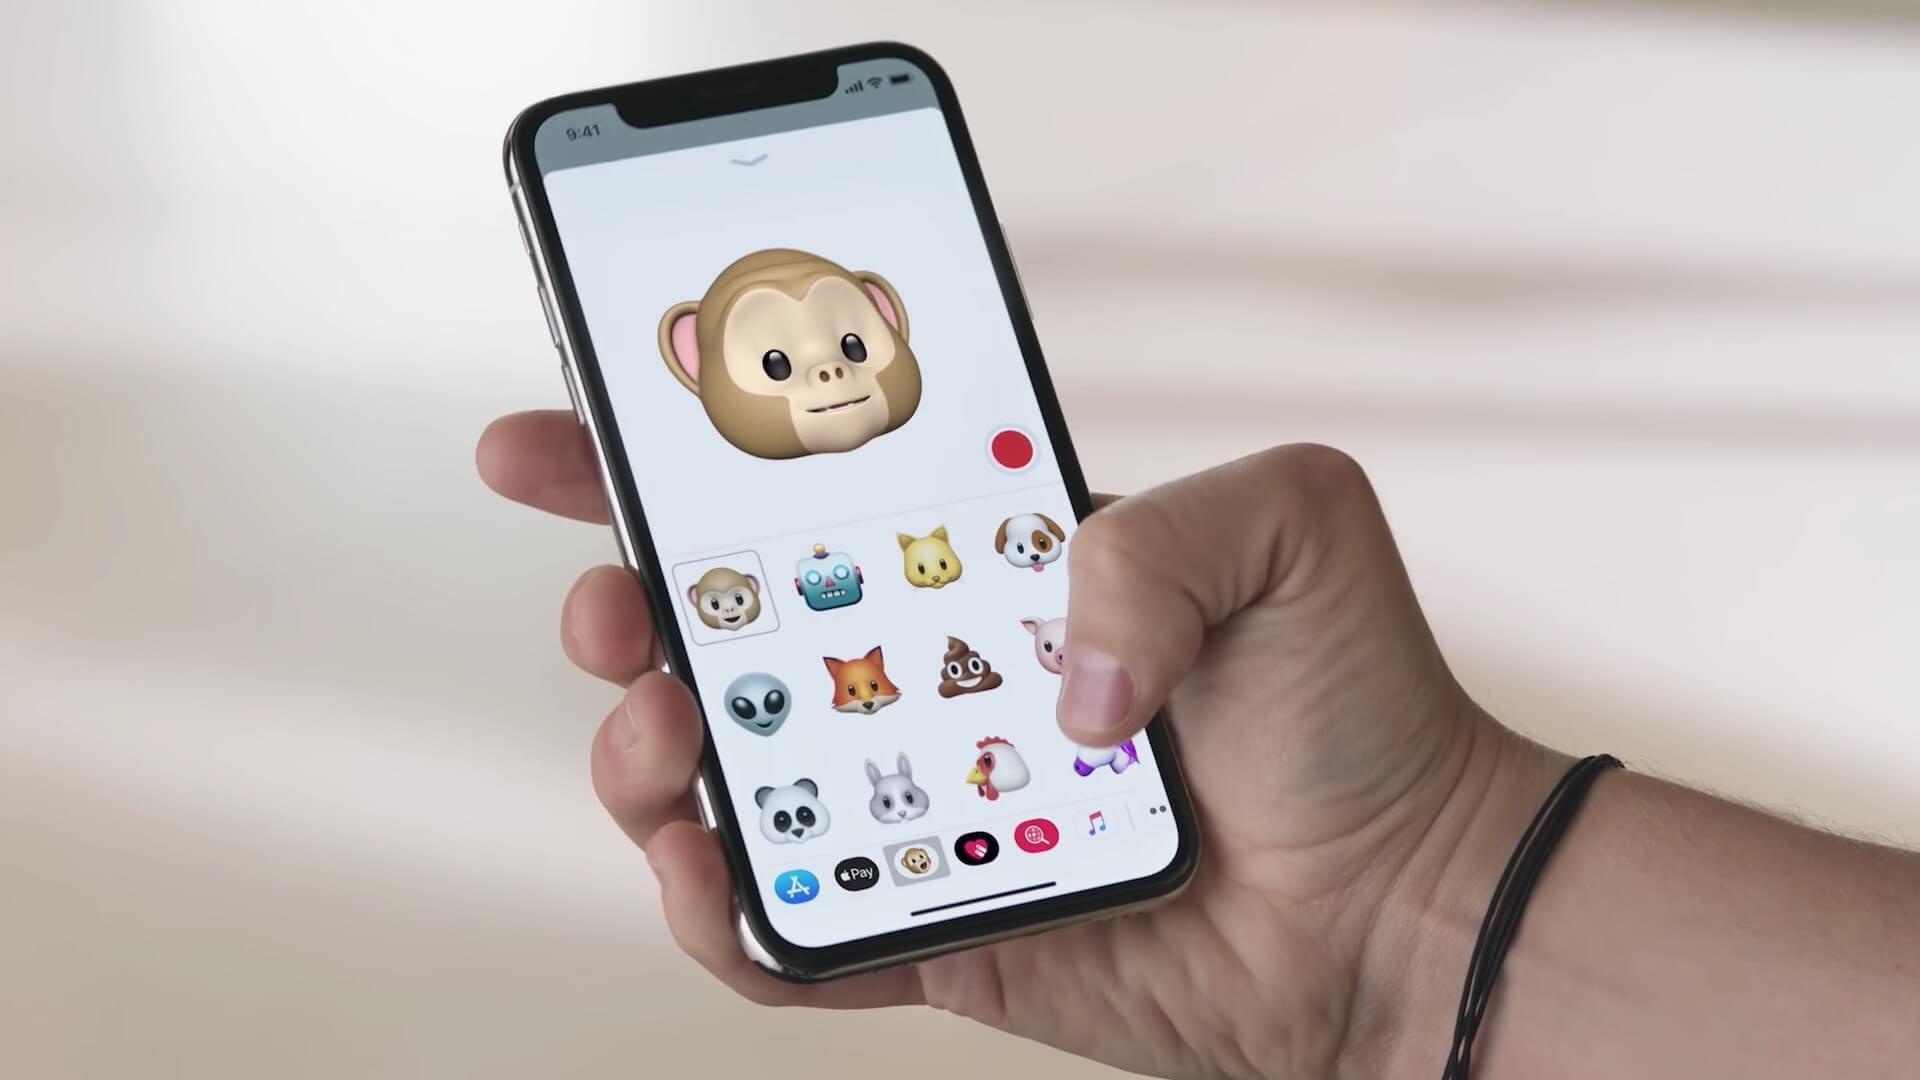 Датчики iPhone X можно использовать не только для анимодзи